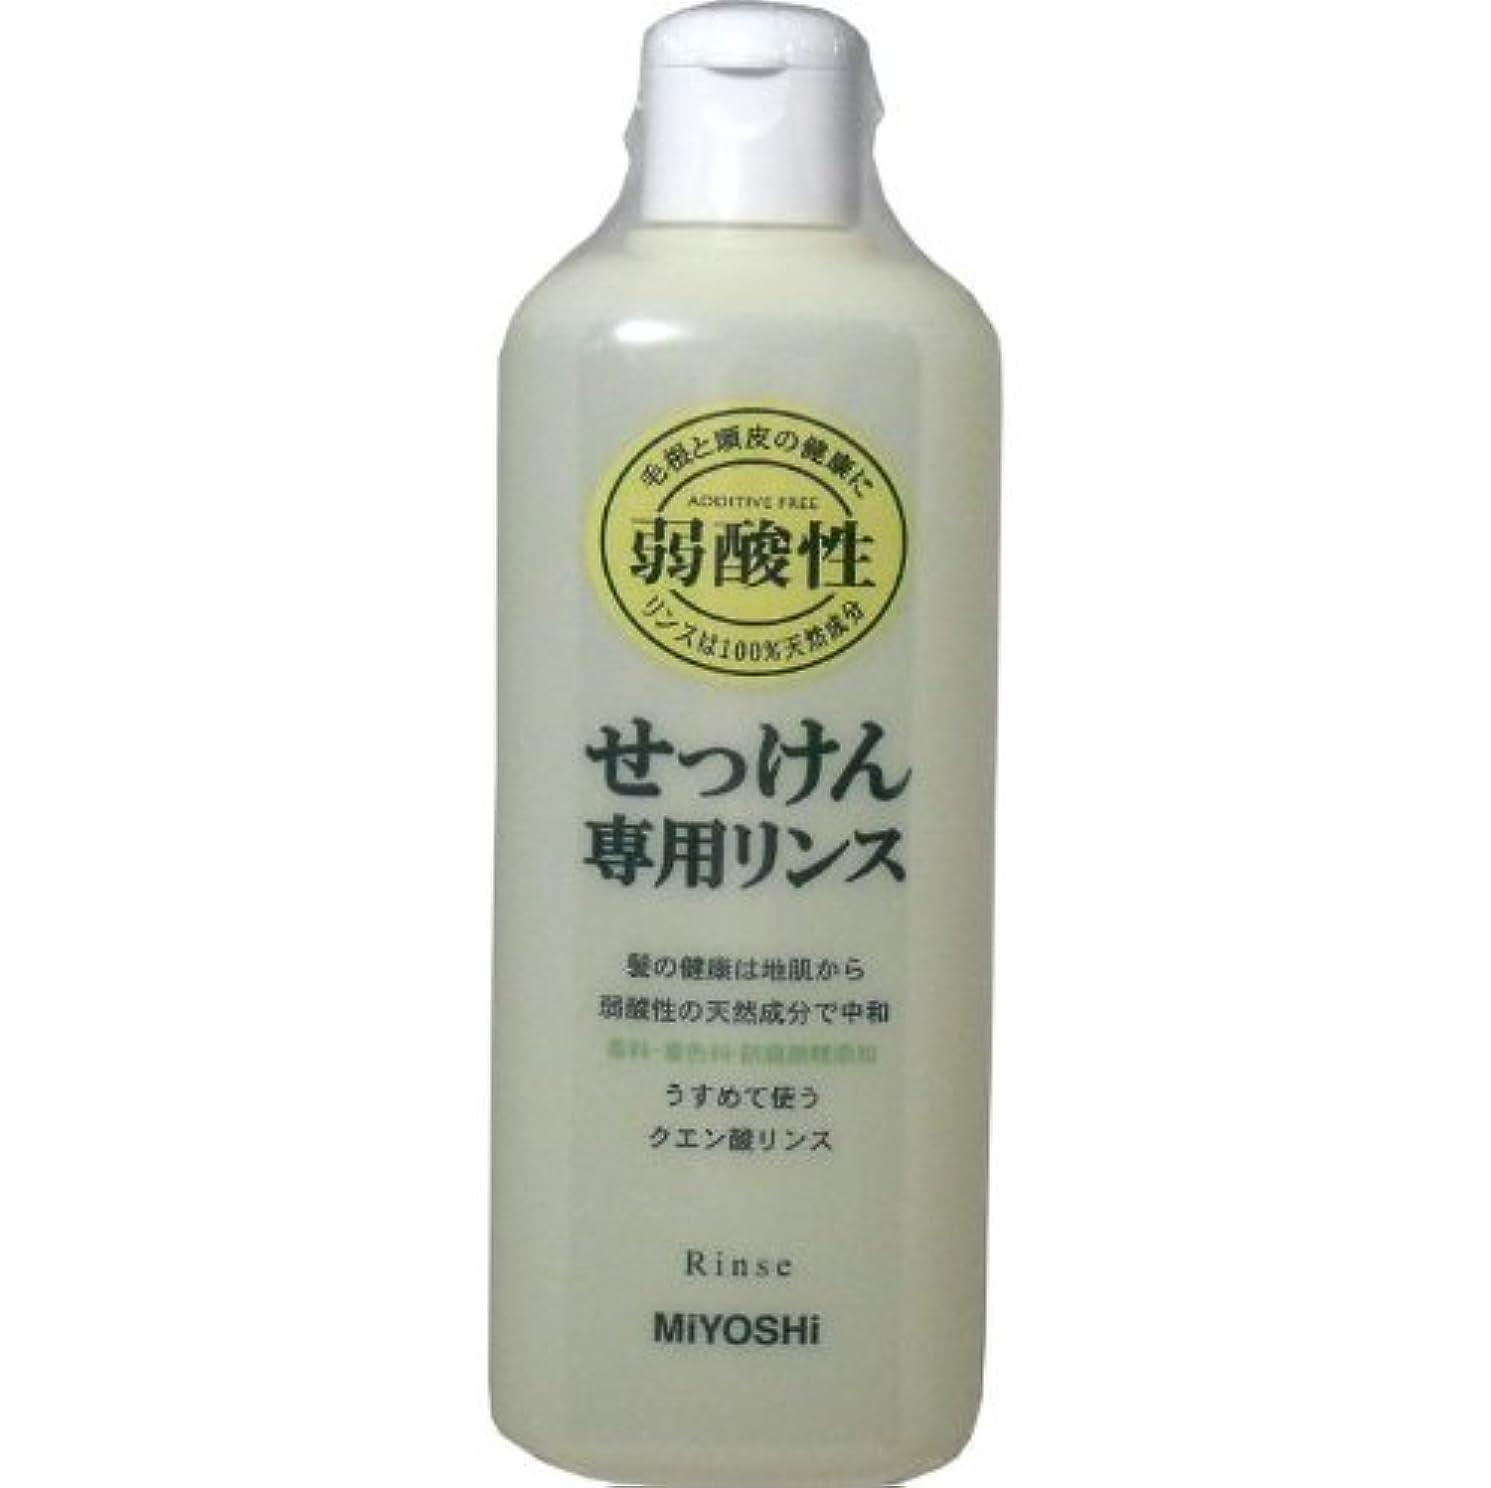 敵意連結するに話す髪の健康は地肌から、弱酸性の天然成分で中和!!香料、防腐剤、着色料無添加!うすめて使うクエン酸リンス!リンス 350mL【4個セット】